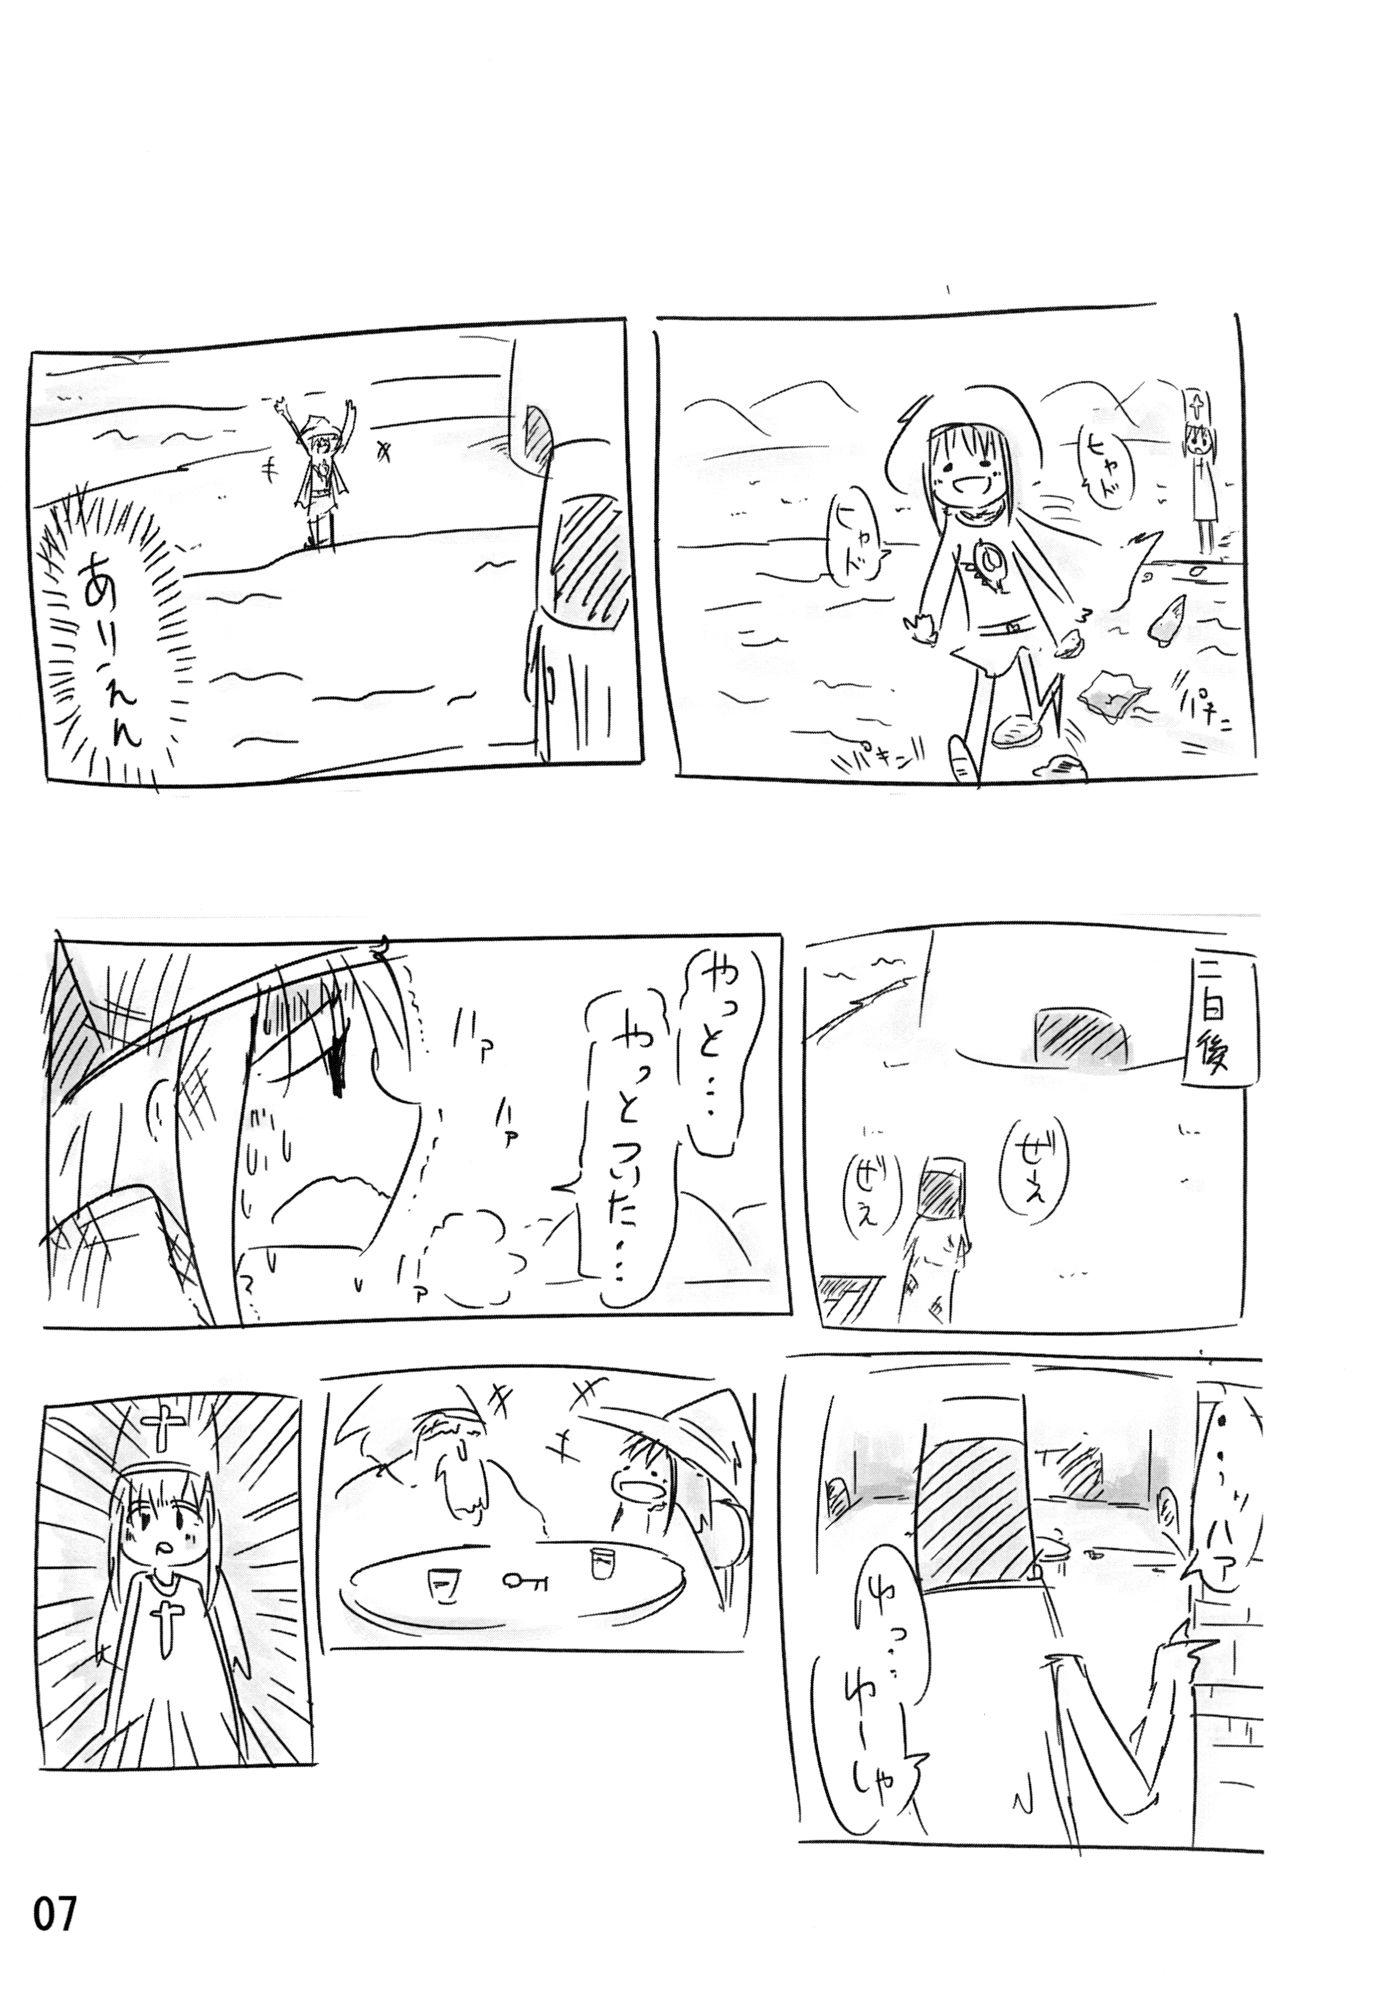 ドラクエ3の僧侶の日記があった エロアニメ画像